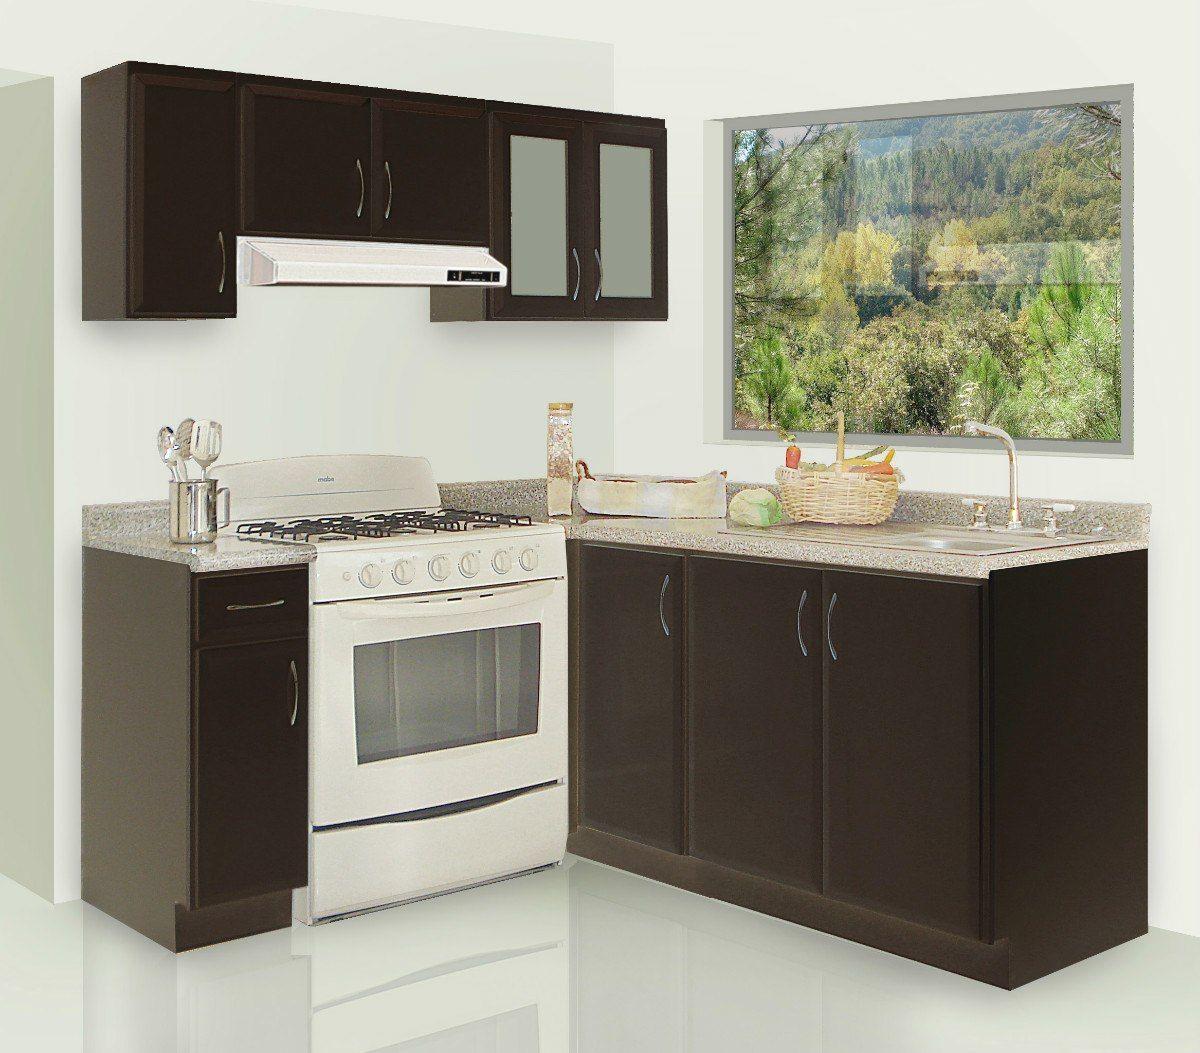 imagenes de cocinas integrales modernas cocinas